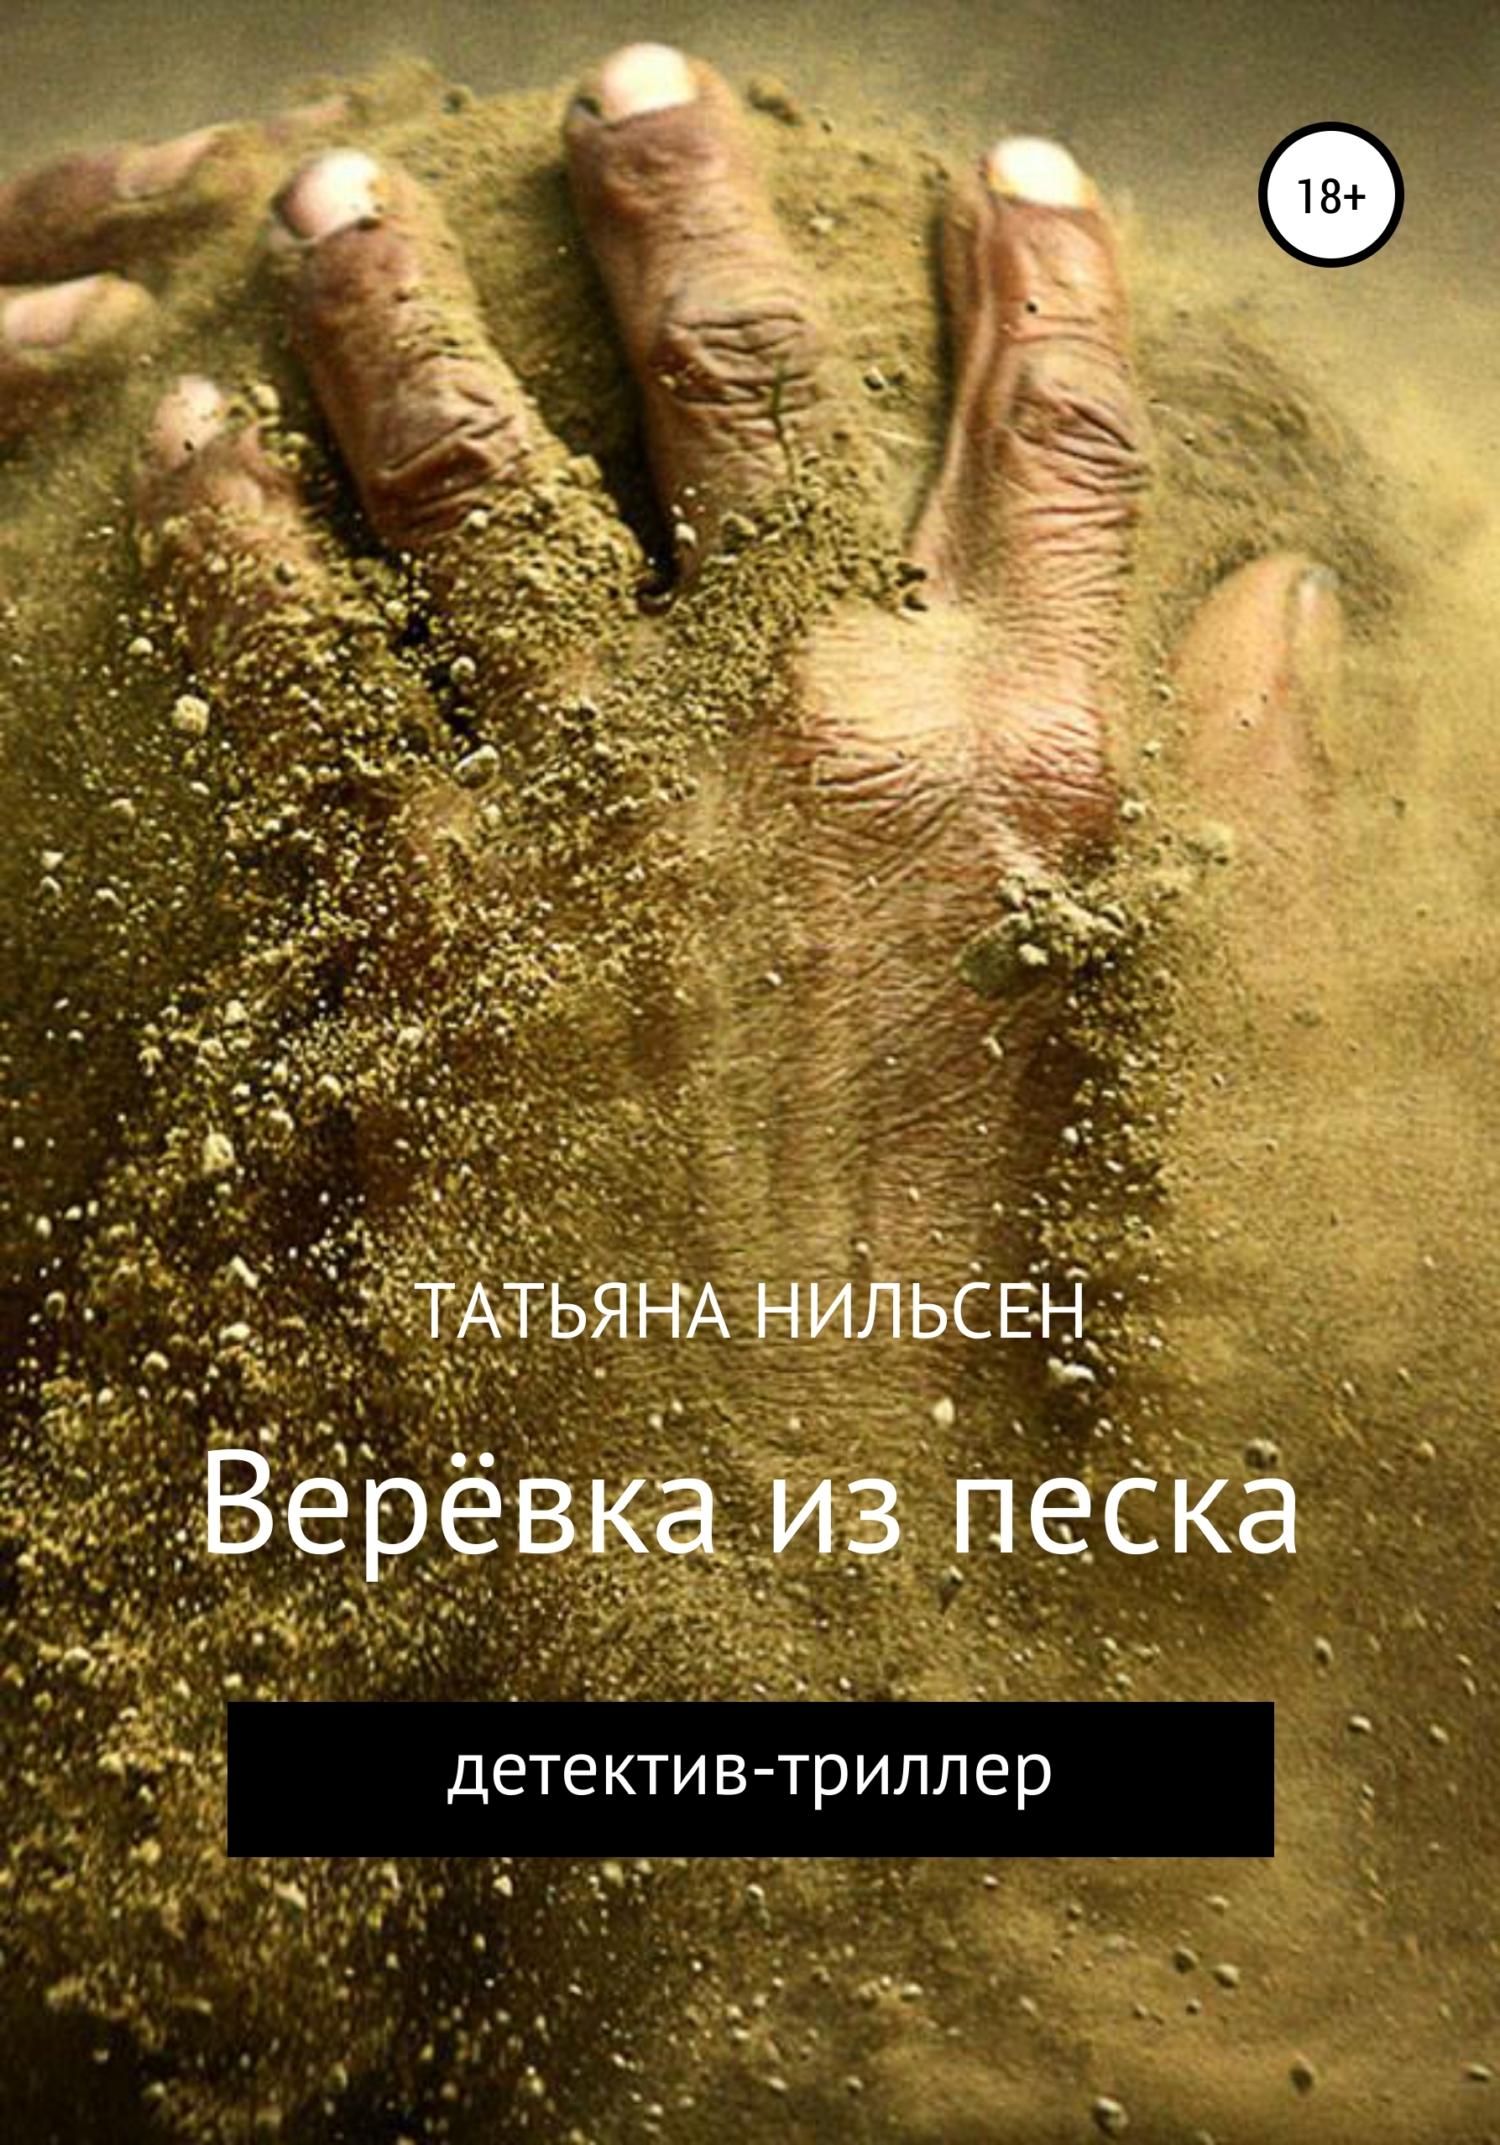 Татьяна Нильсен Верёвка из песка татьяна нильсен под знаком радуги